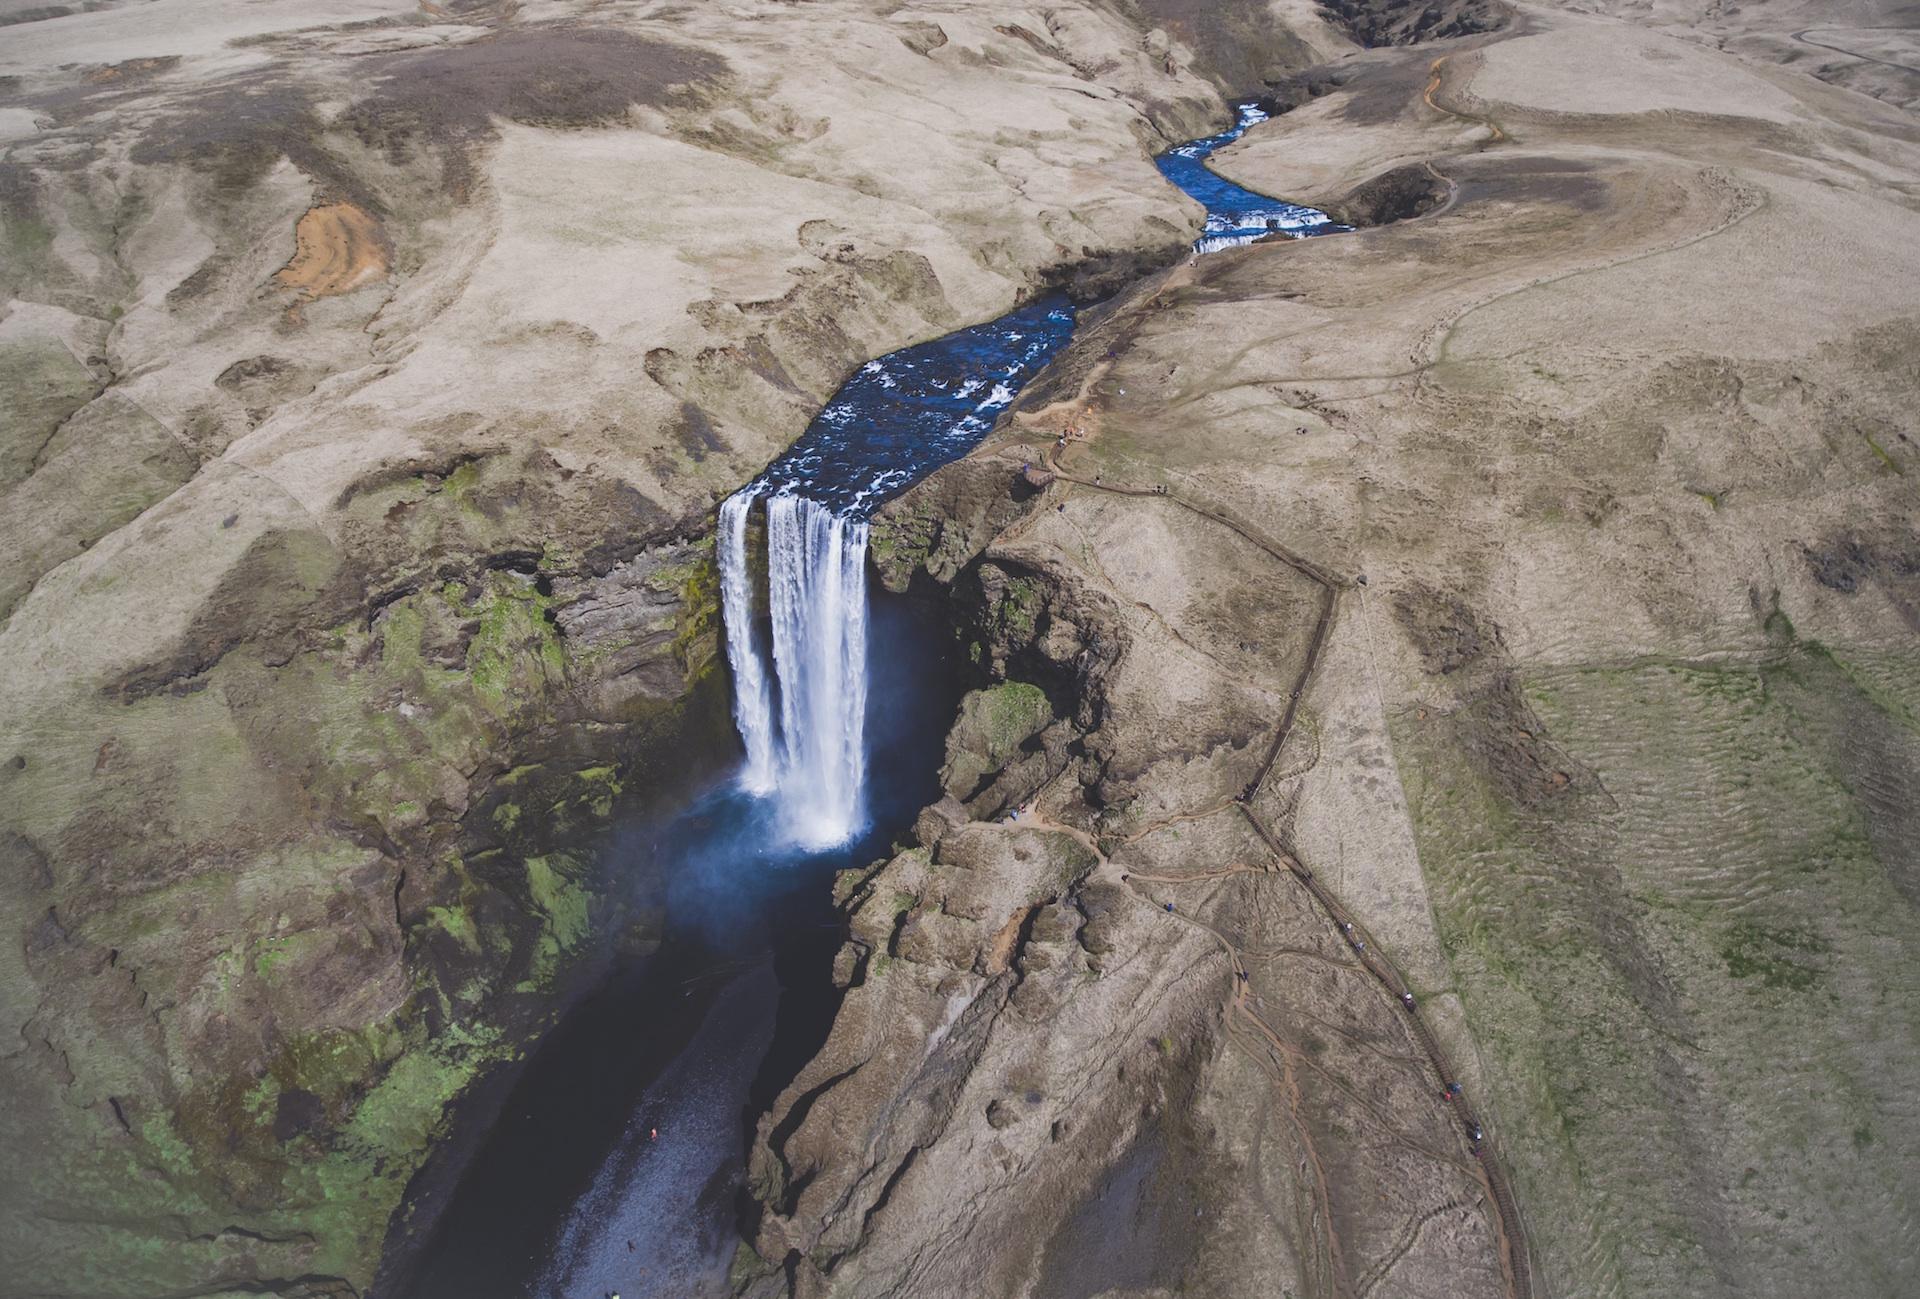 Fluss, Katarakt, Wasserfall, Wasser, Island - Wallpaper HD - Prof.-falken.com